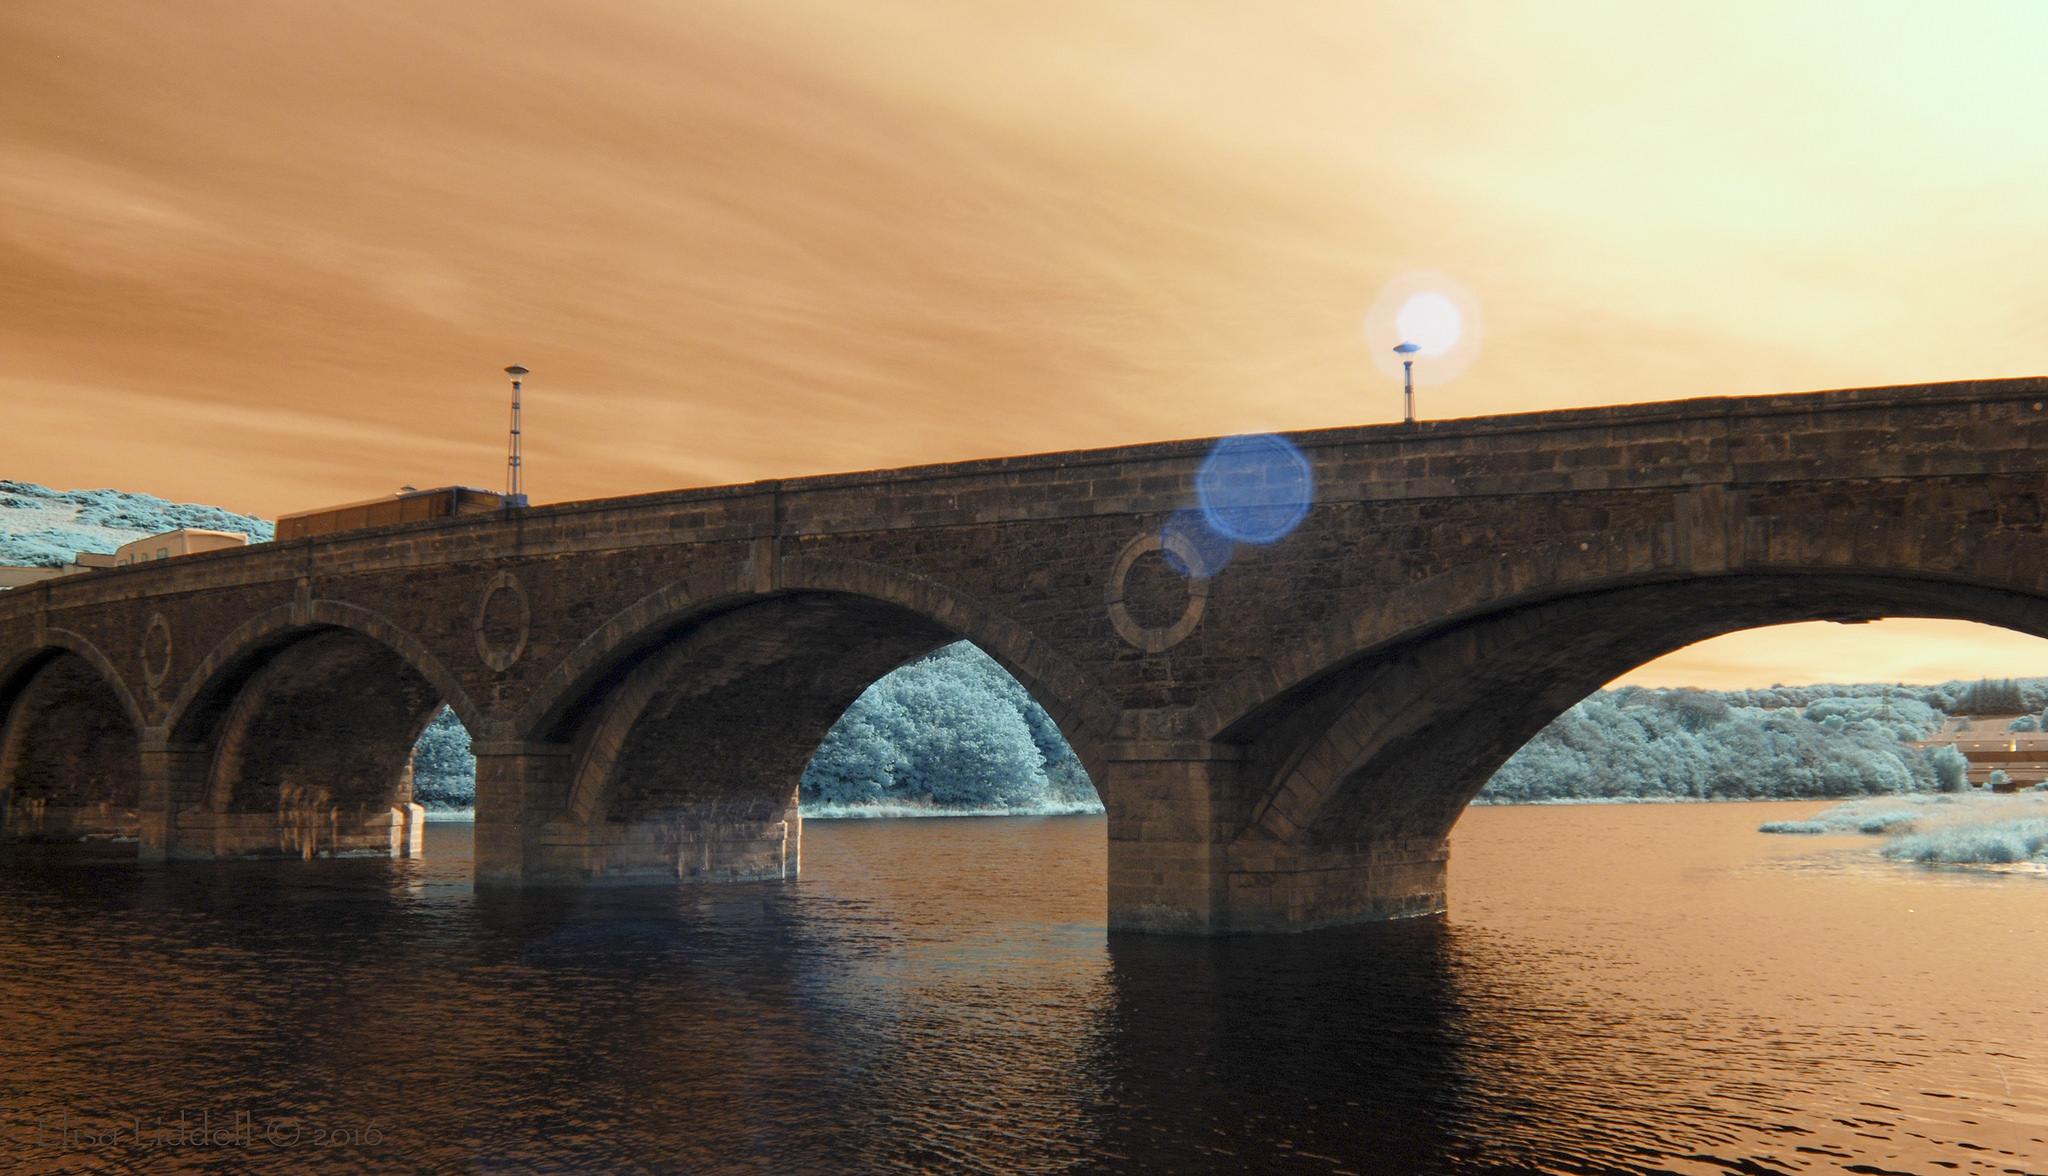 Puentes y puestas de sol - 2048x1176